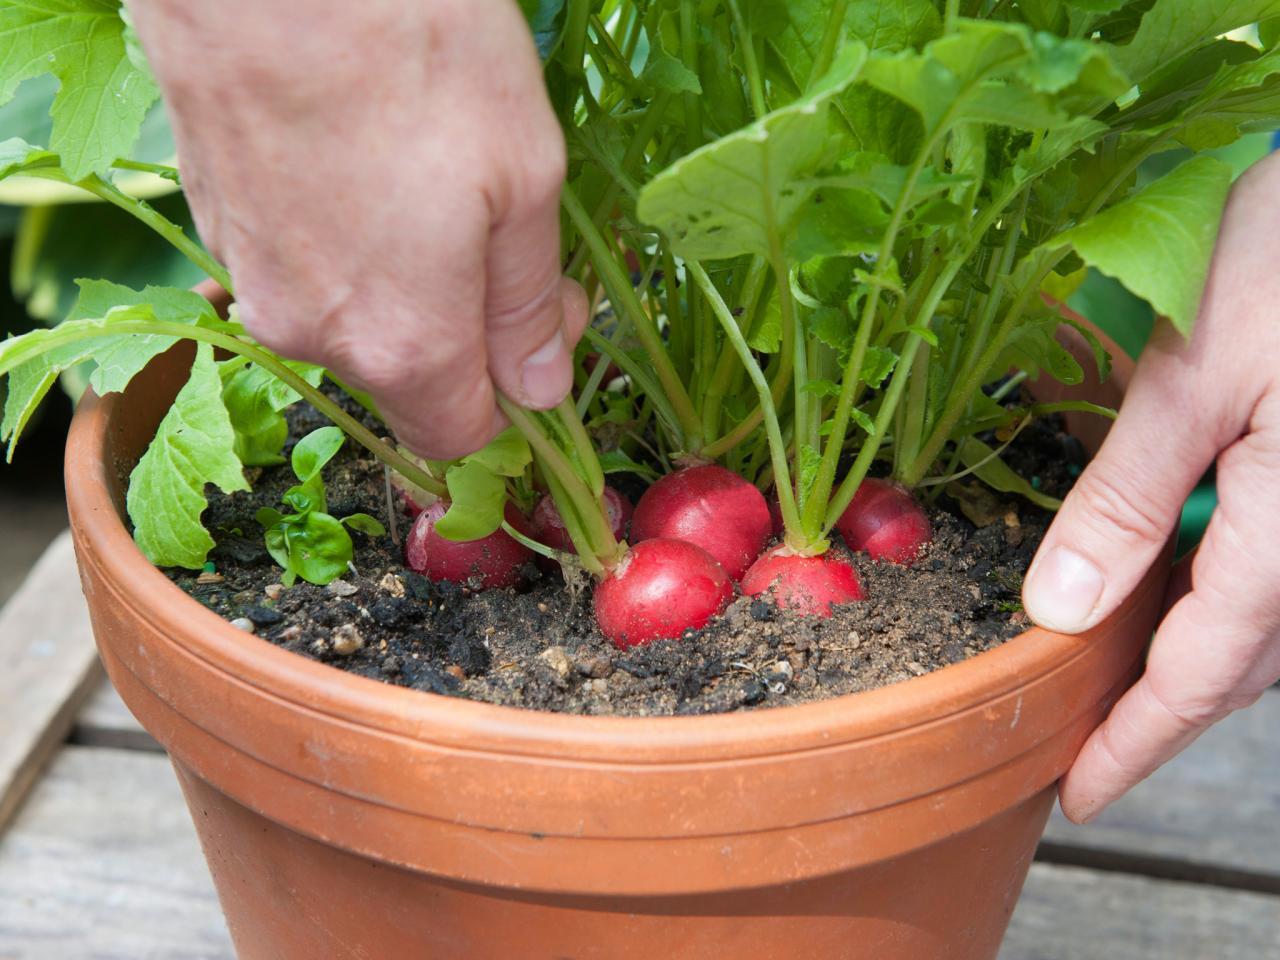 100 ไอเดียแปลงปลูกผักสวนครัว สวยๆ แบบประหยัดพื้นที่ แบบเกษตรพอเพียง